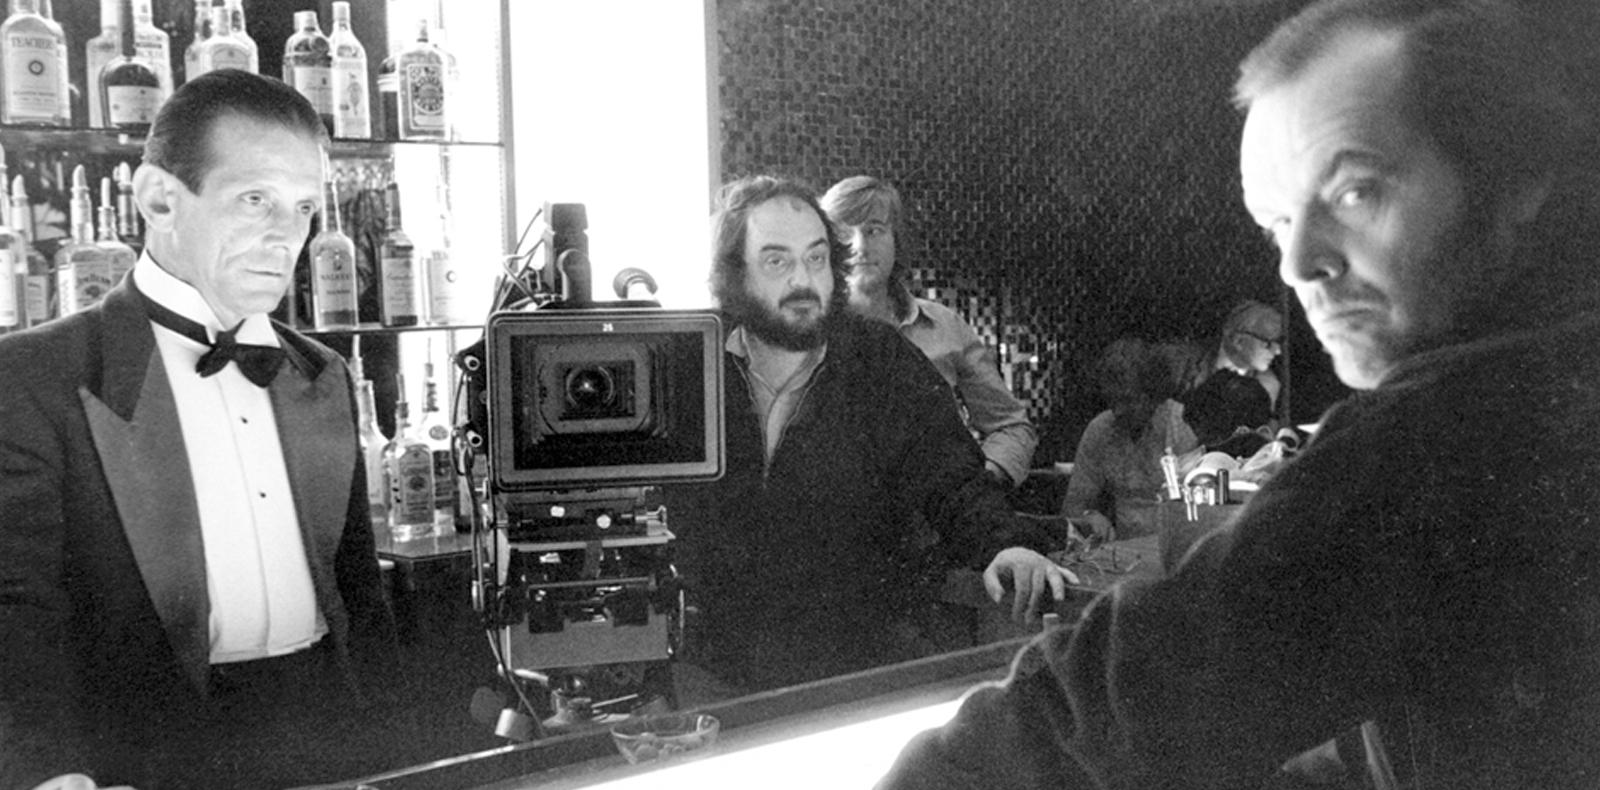 """Joe Turkel (à gauche), Stanley Kubrick (au centre) et Jack Nicholson (à droite) sur le tournage de """"The Shining""""."""